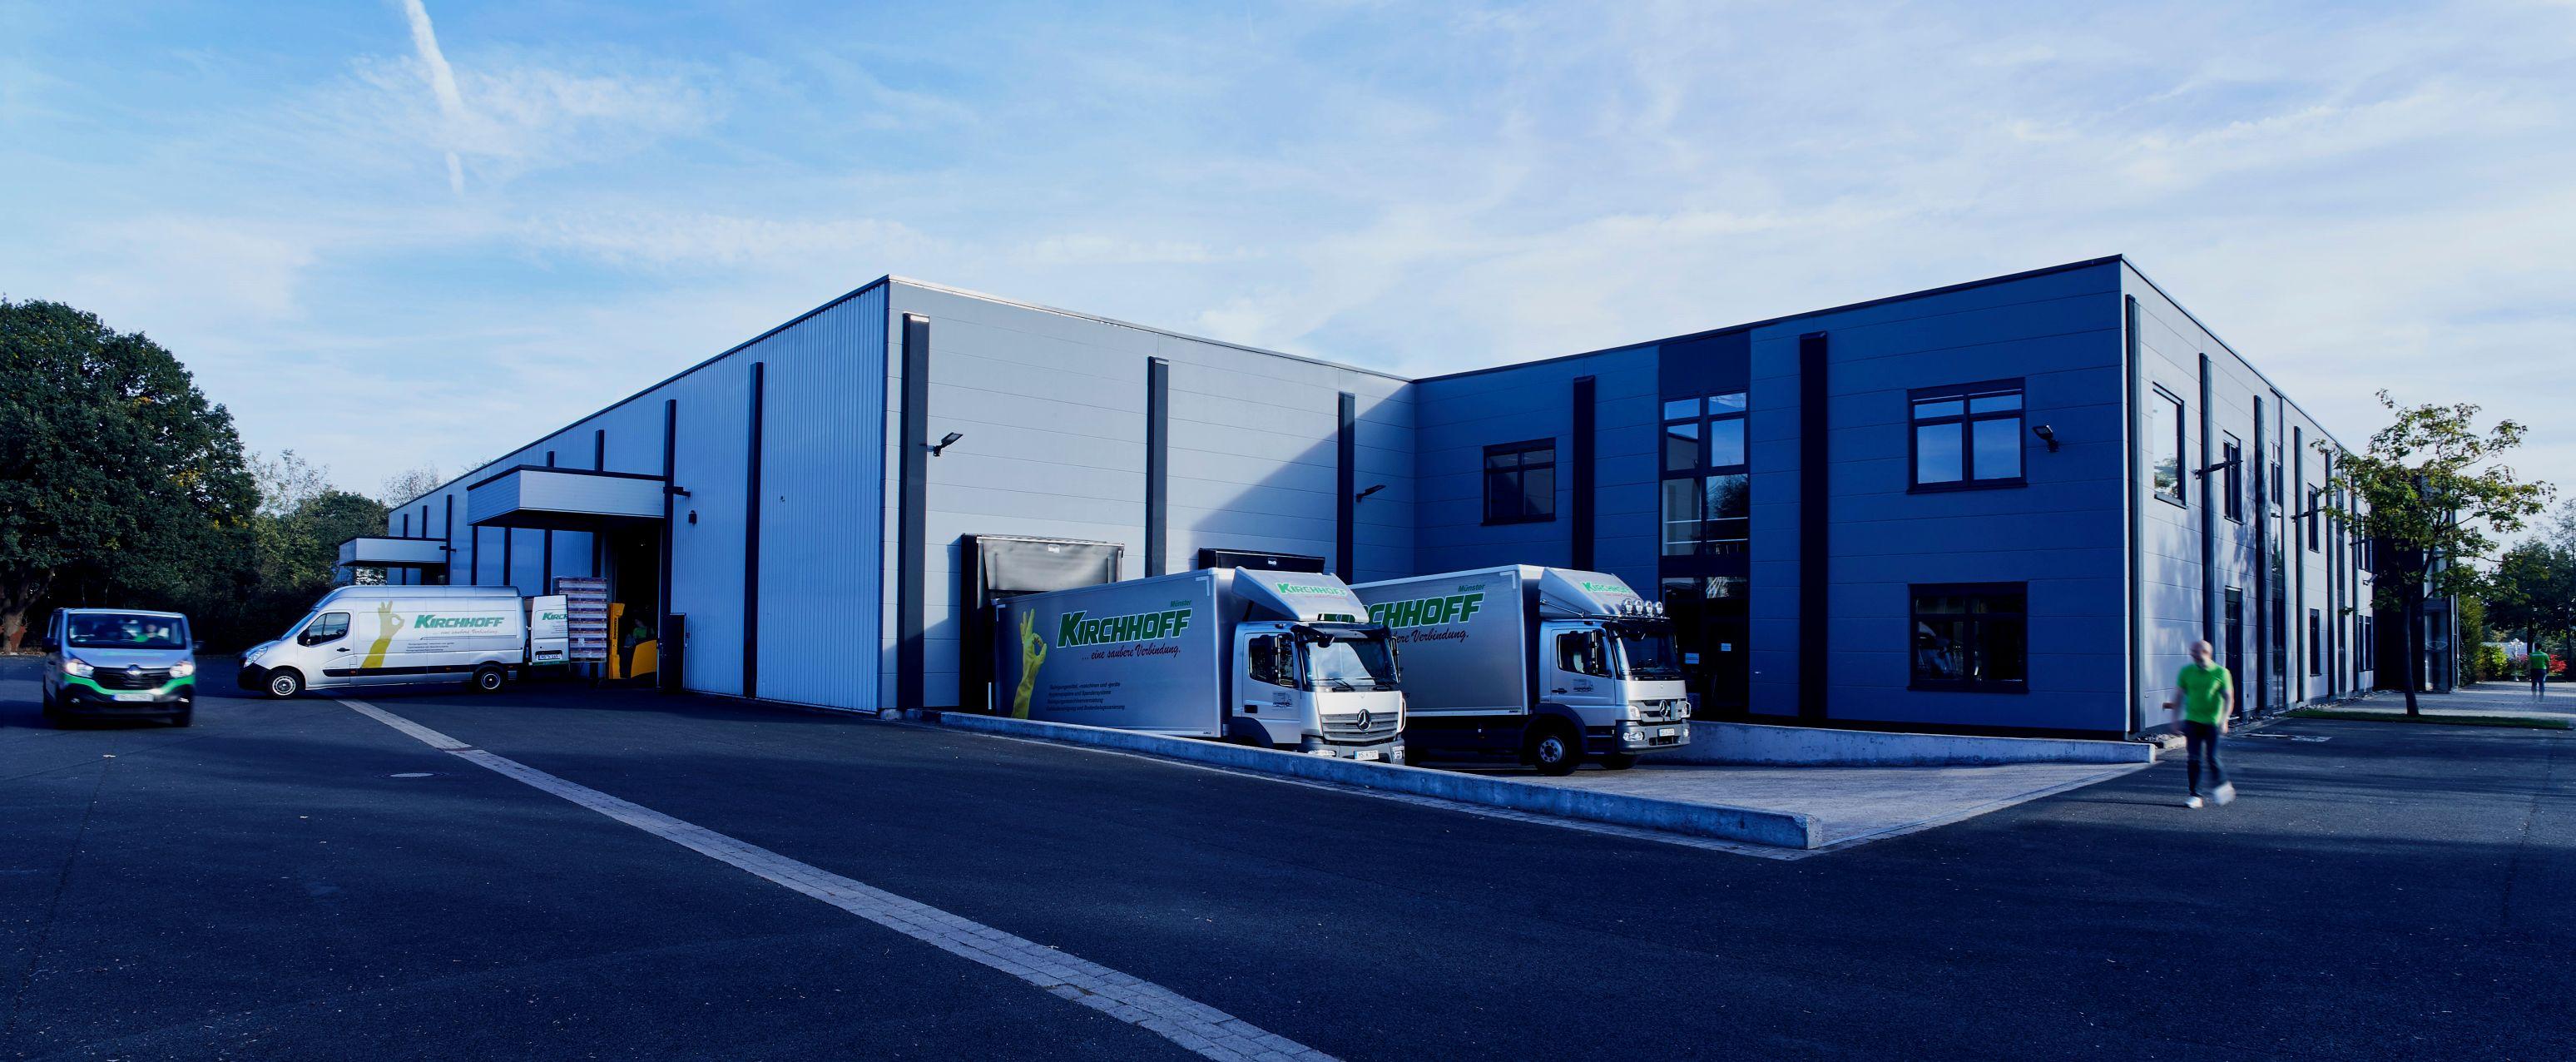 Kirchhoff GmbH & Co. KG